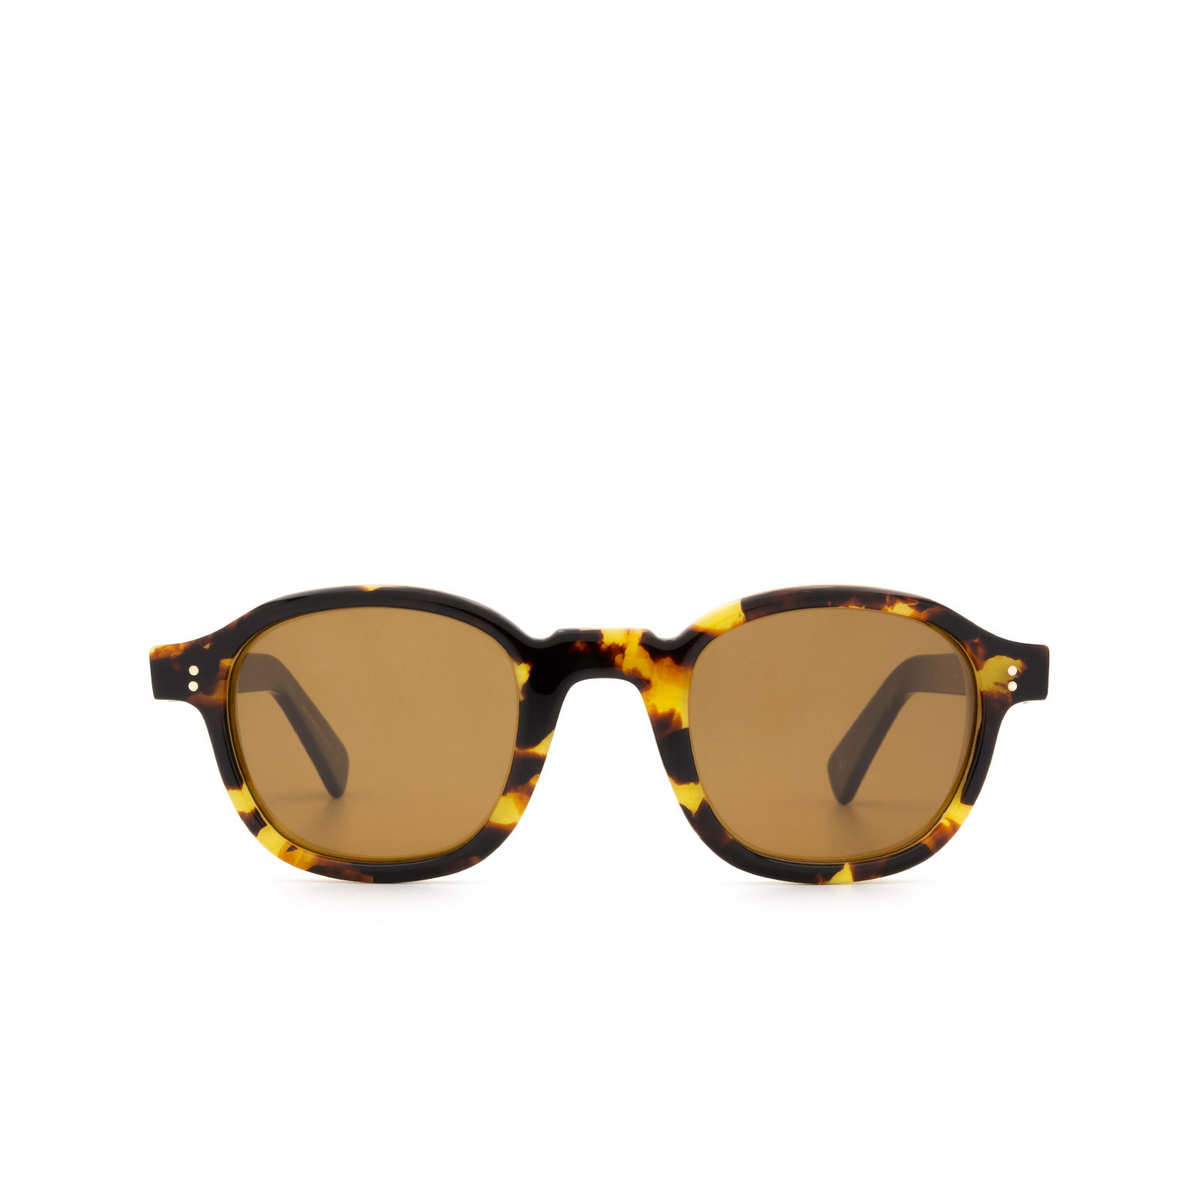 Lesca® Square Sunglasses: BRUT PANTO 8MM color Havana 15 - front view.